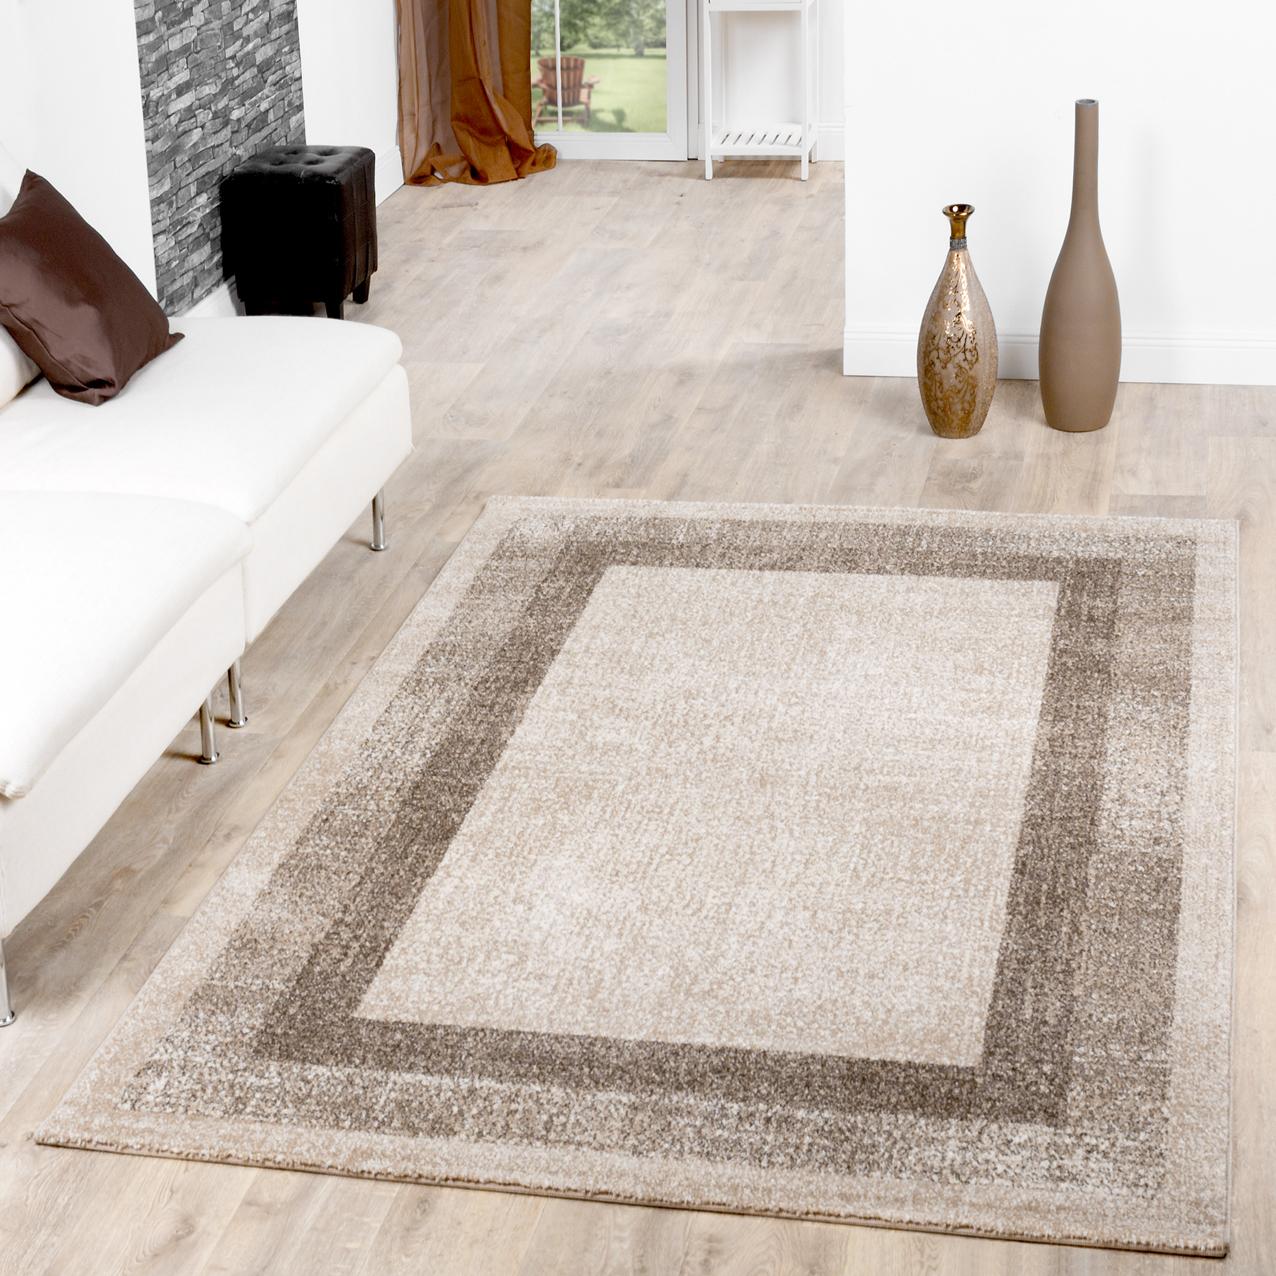 Details zu Moderner Teppich Wohnzimmer Velours Teppiche Bordüre Creme Beige  SALE